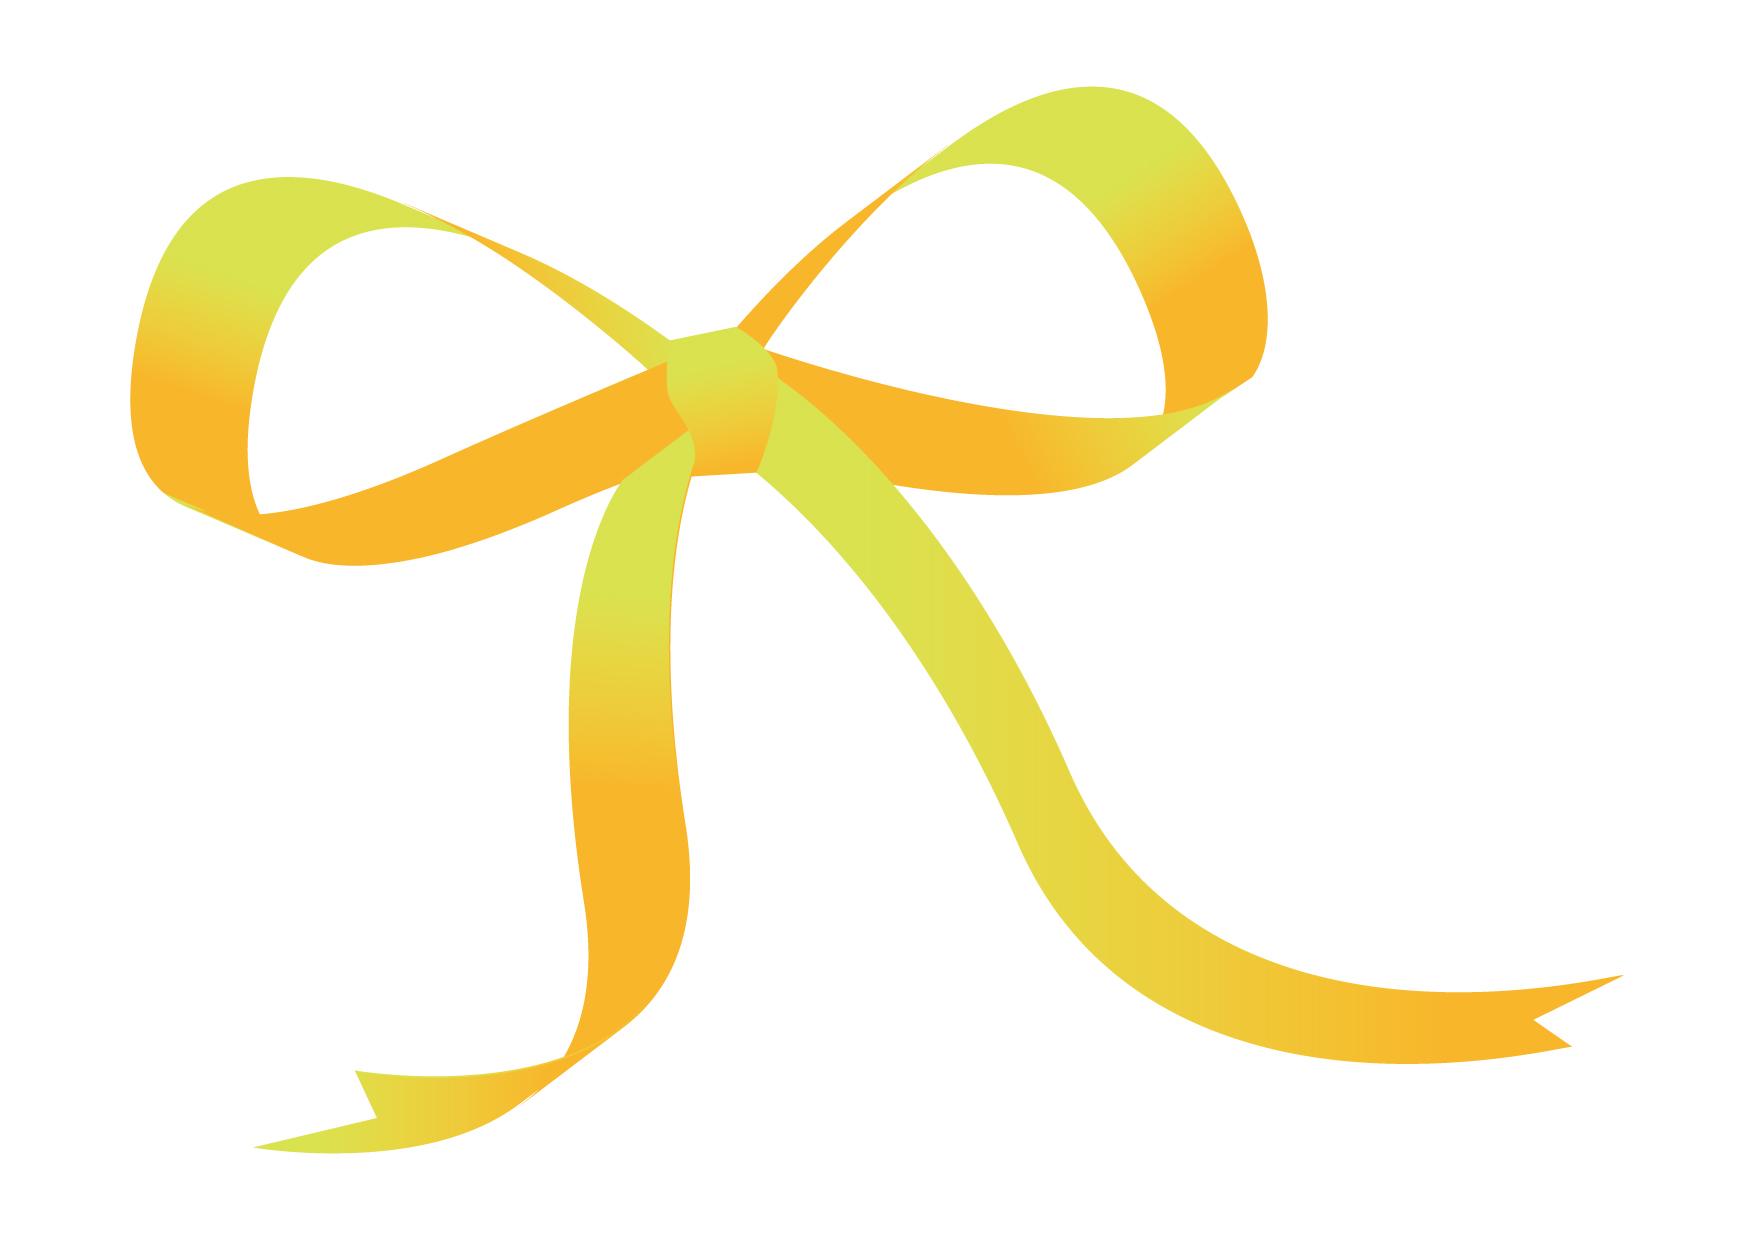 可愛いイラスト無料|リボン 黄色 − free illustration Ribbon yellow